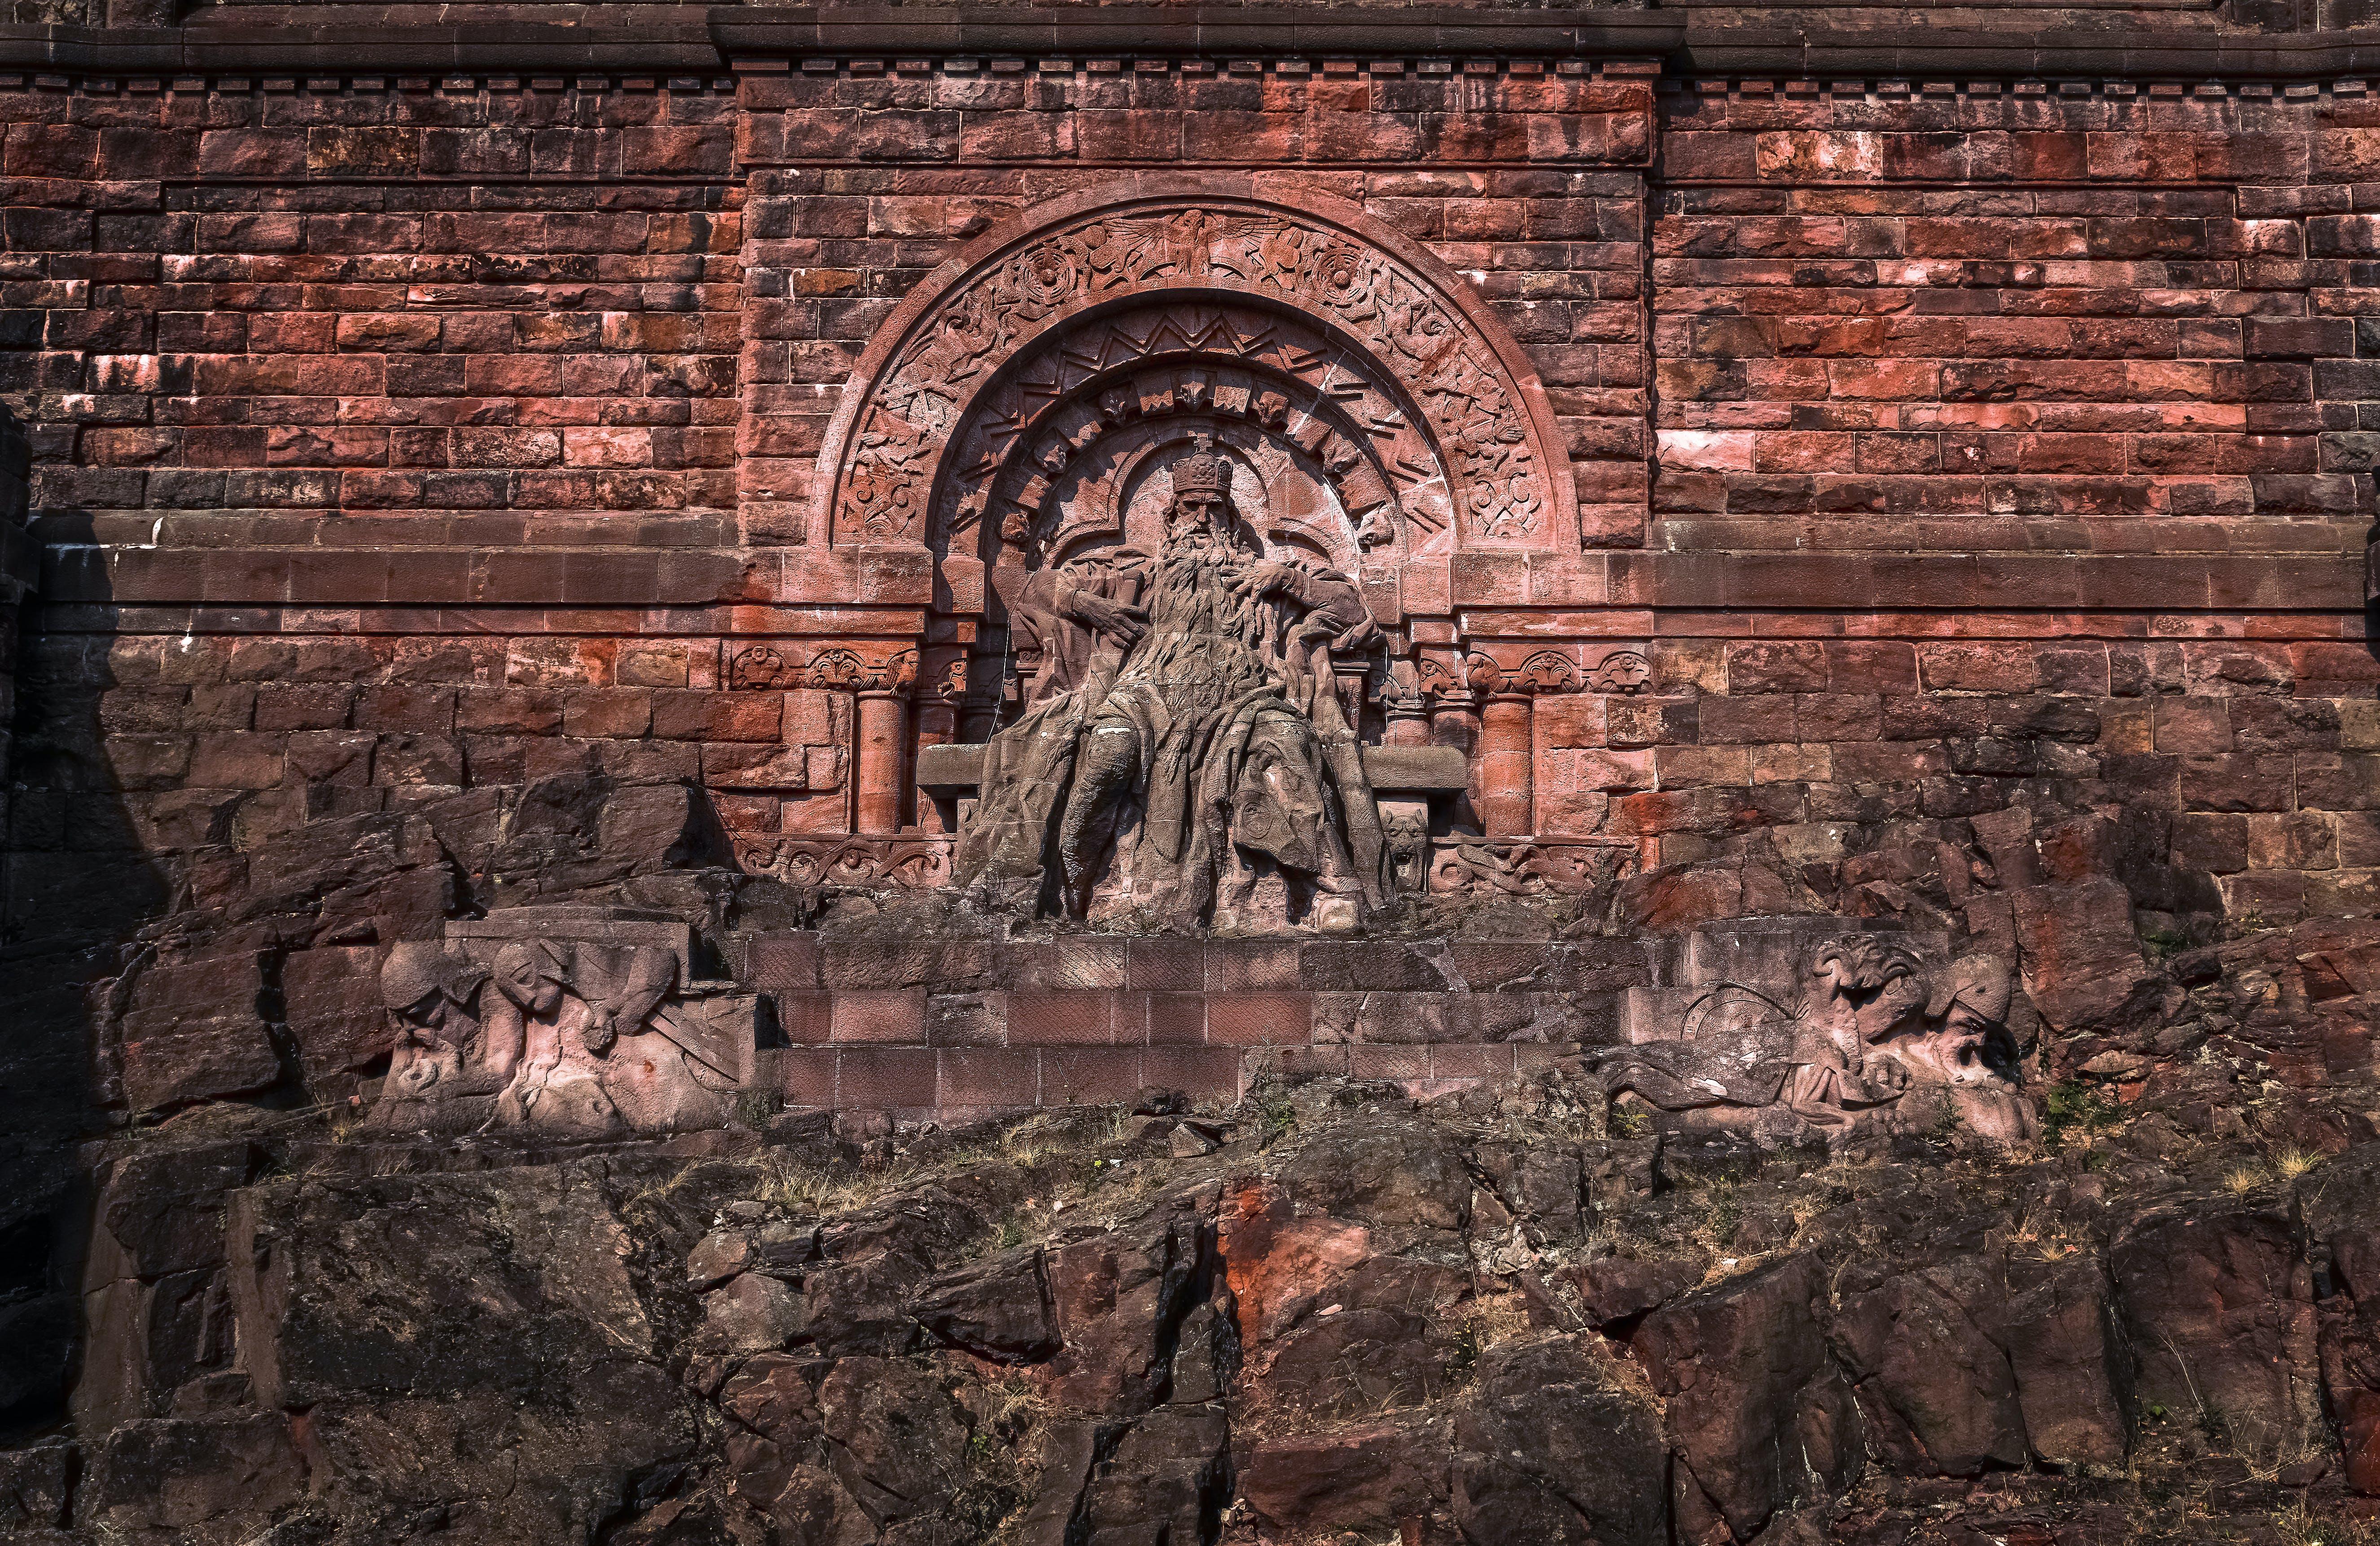 frederick barbarossa, การท่องเที่ยว, ประวัติศาสตร์